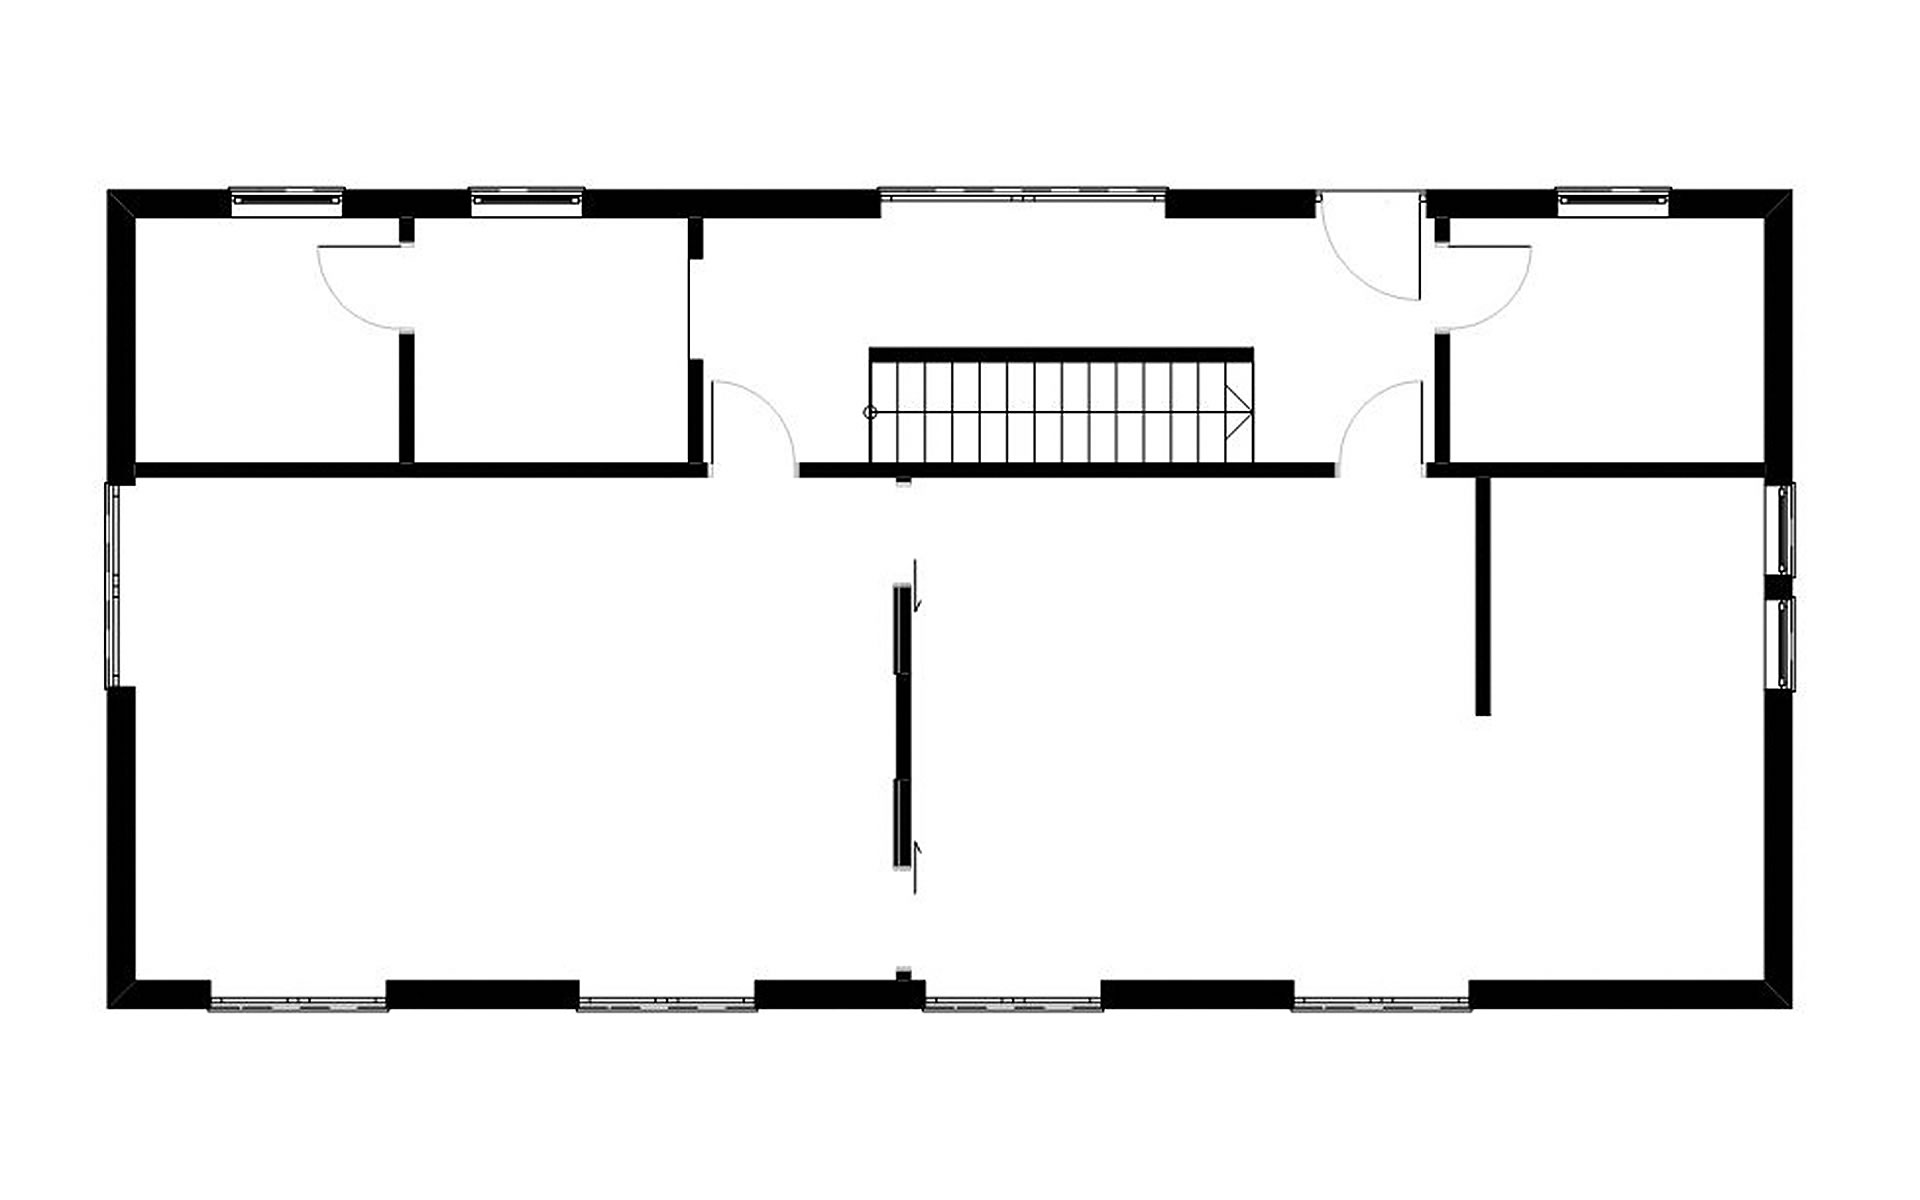 Erdgeschoss Homestory 245 von Lehner-Haus GmbH